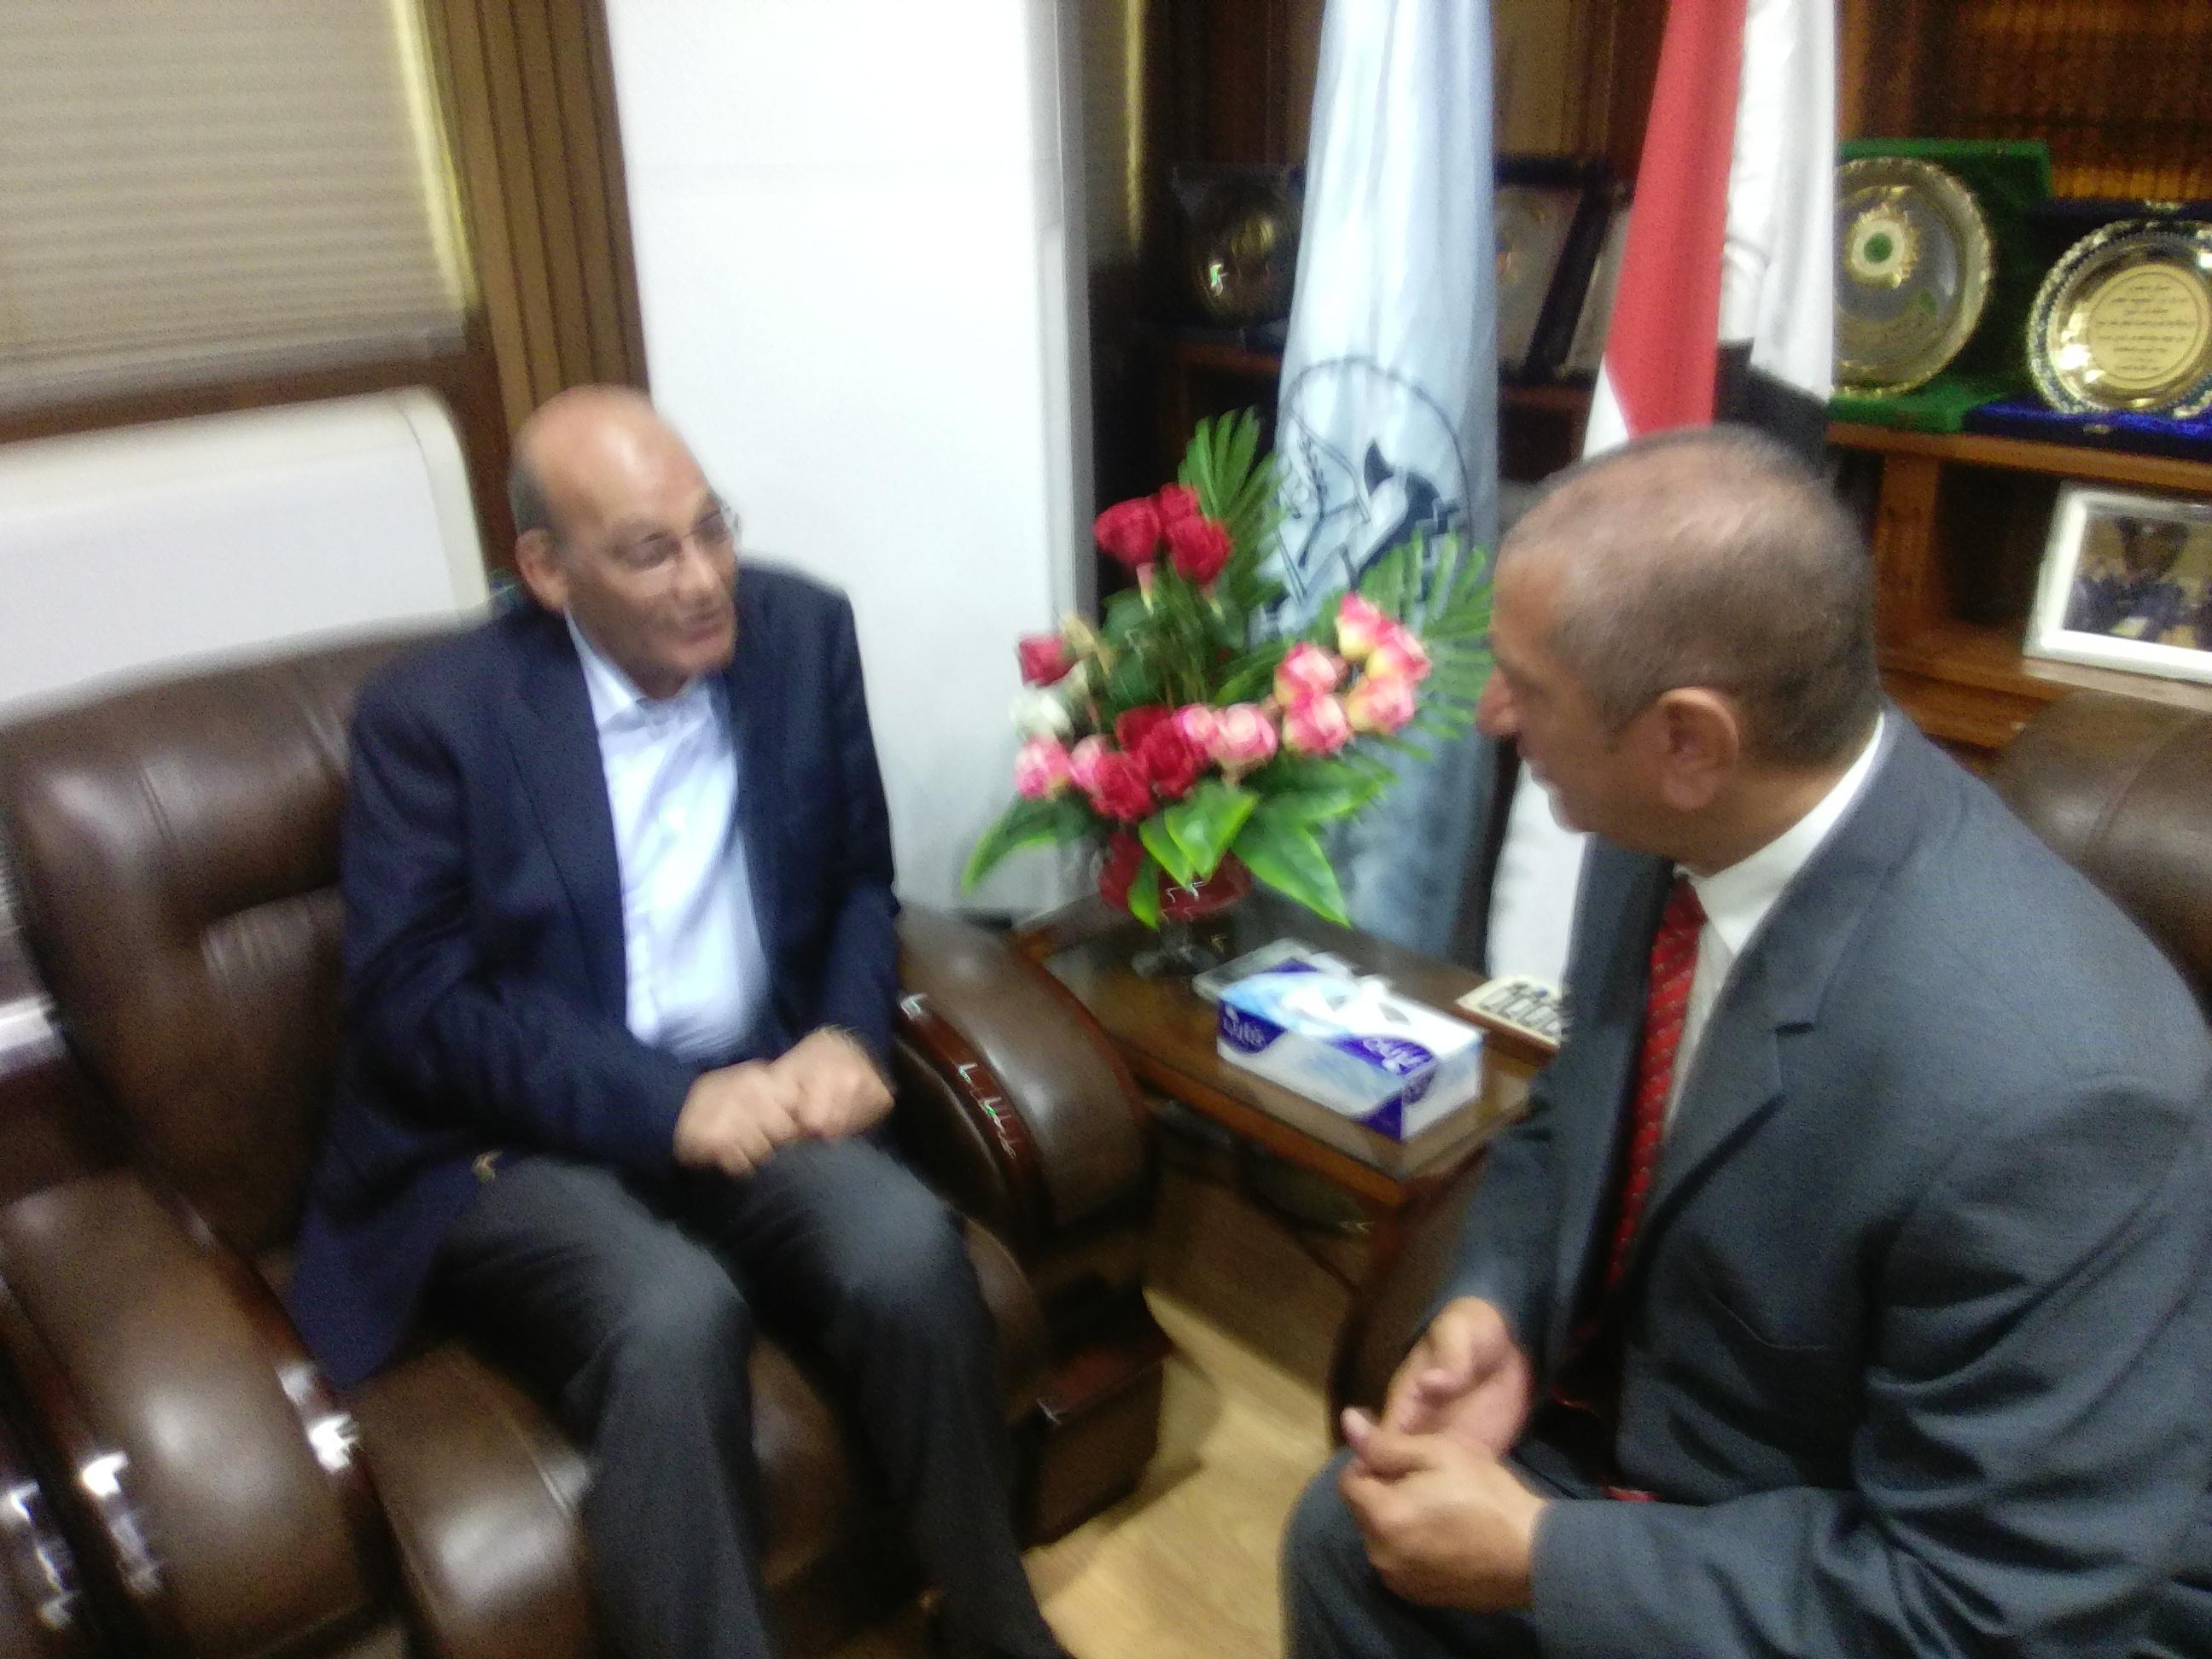 محافظ كفر الشيخ يستقبل وزير الزراعة  (1)